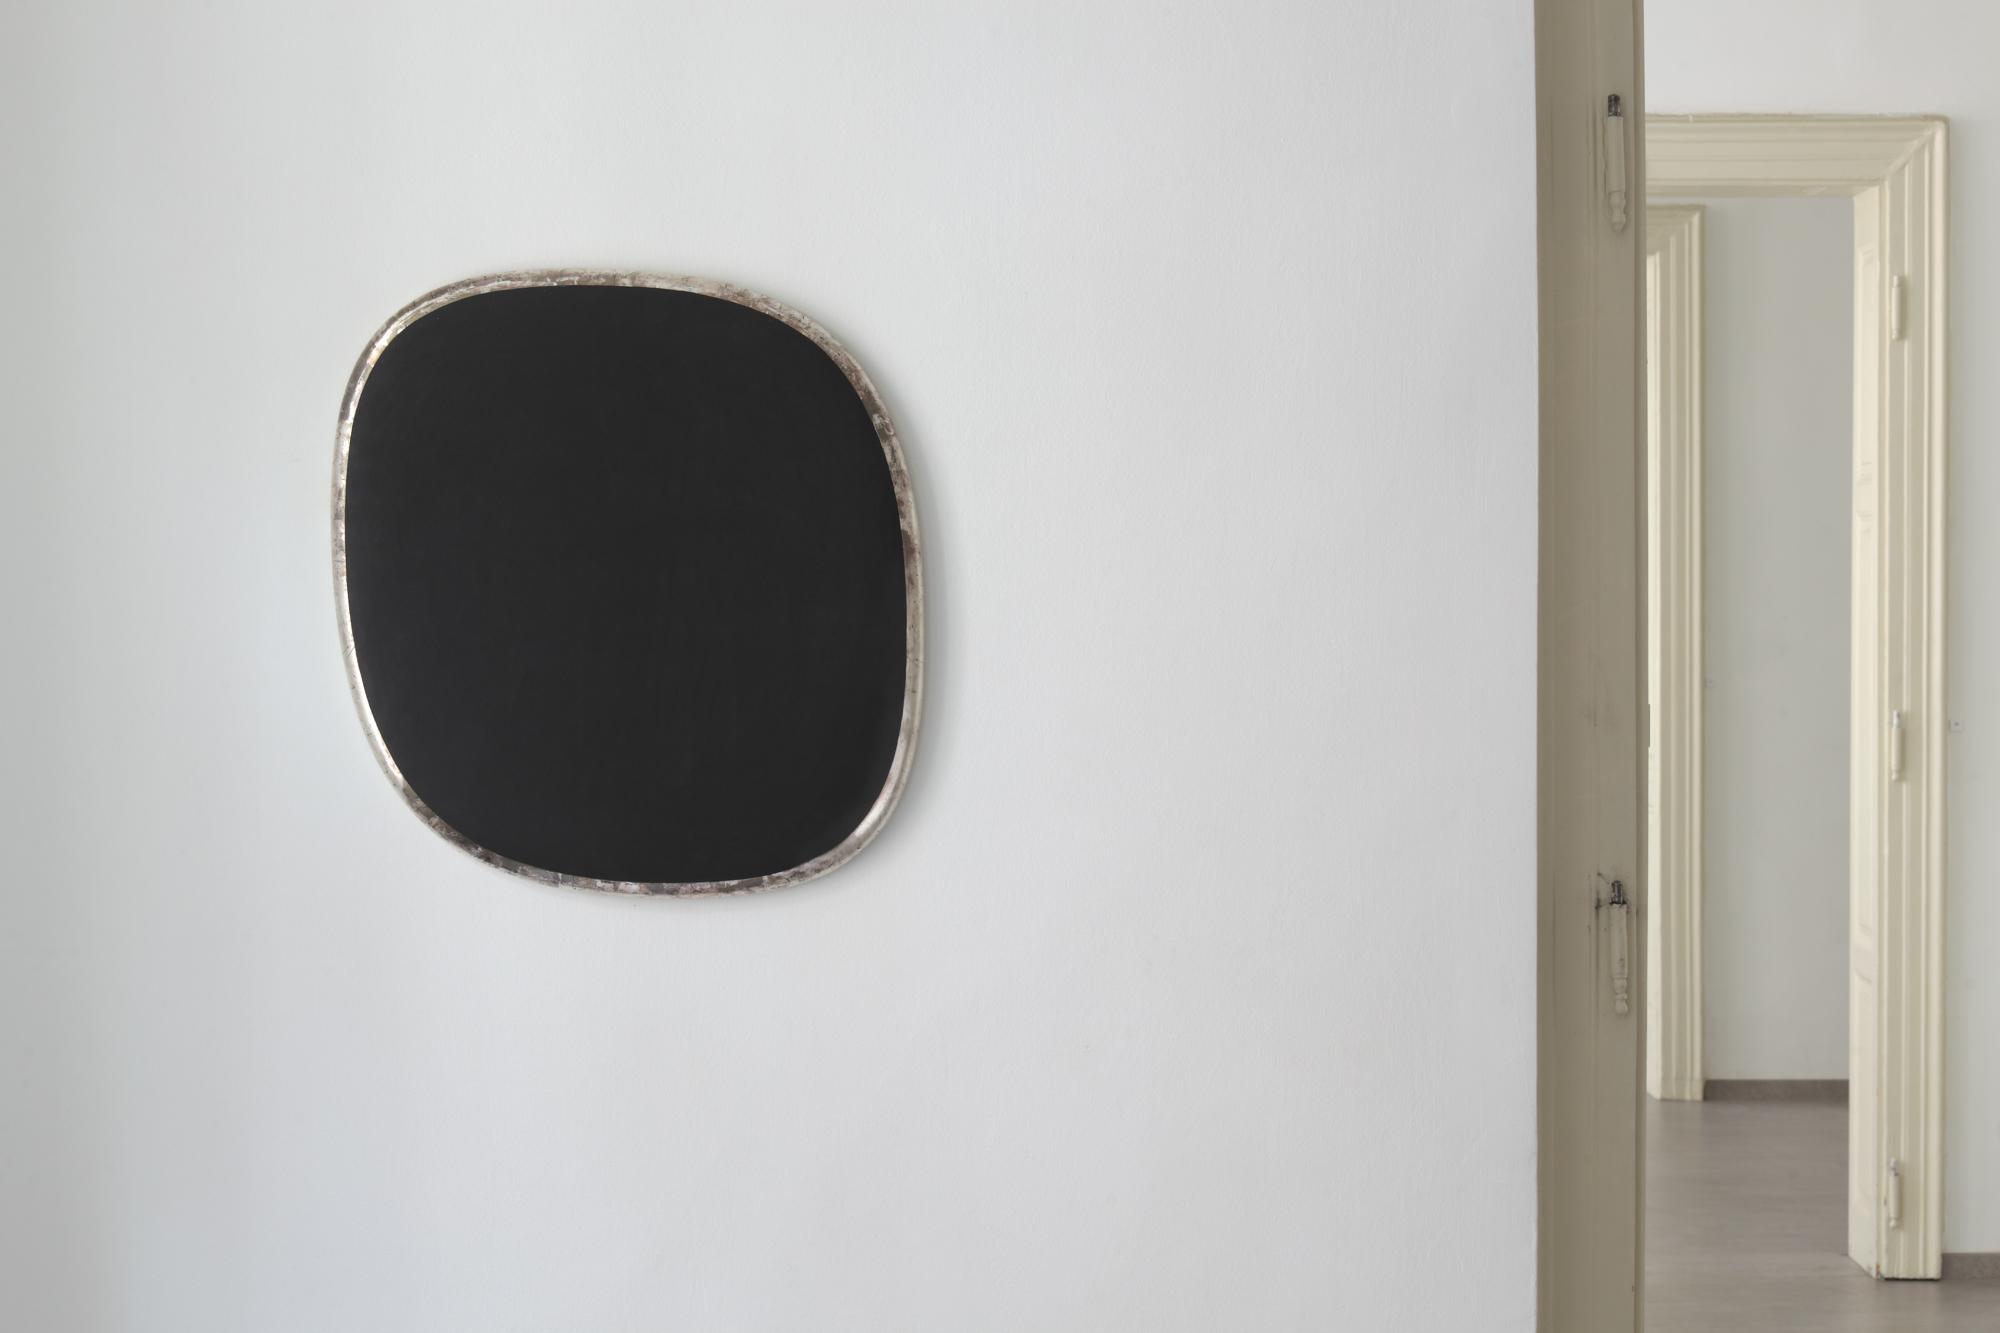 Zeithamml_Galerie_Zavodny3.JPG